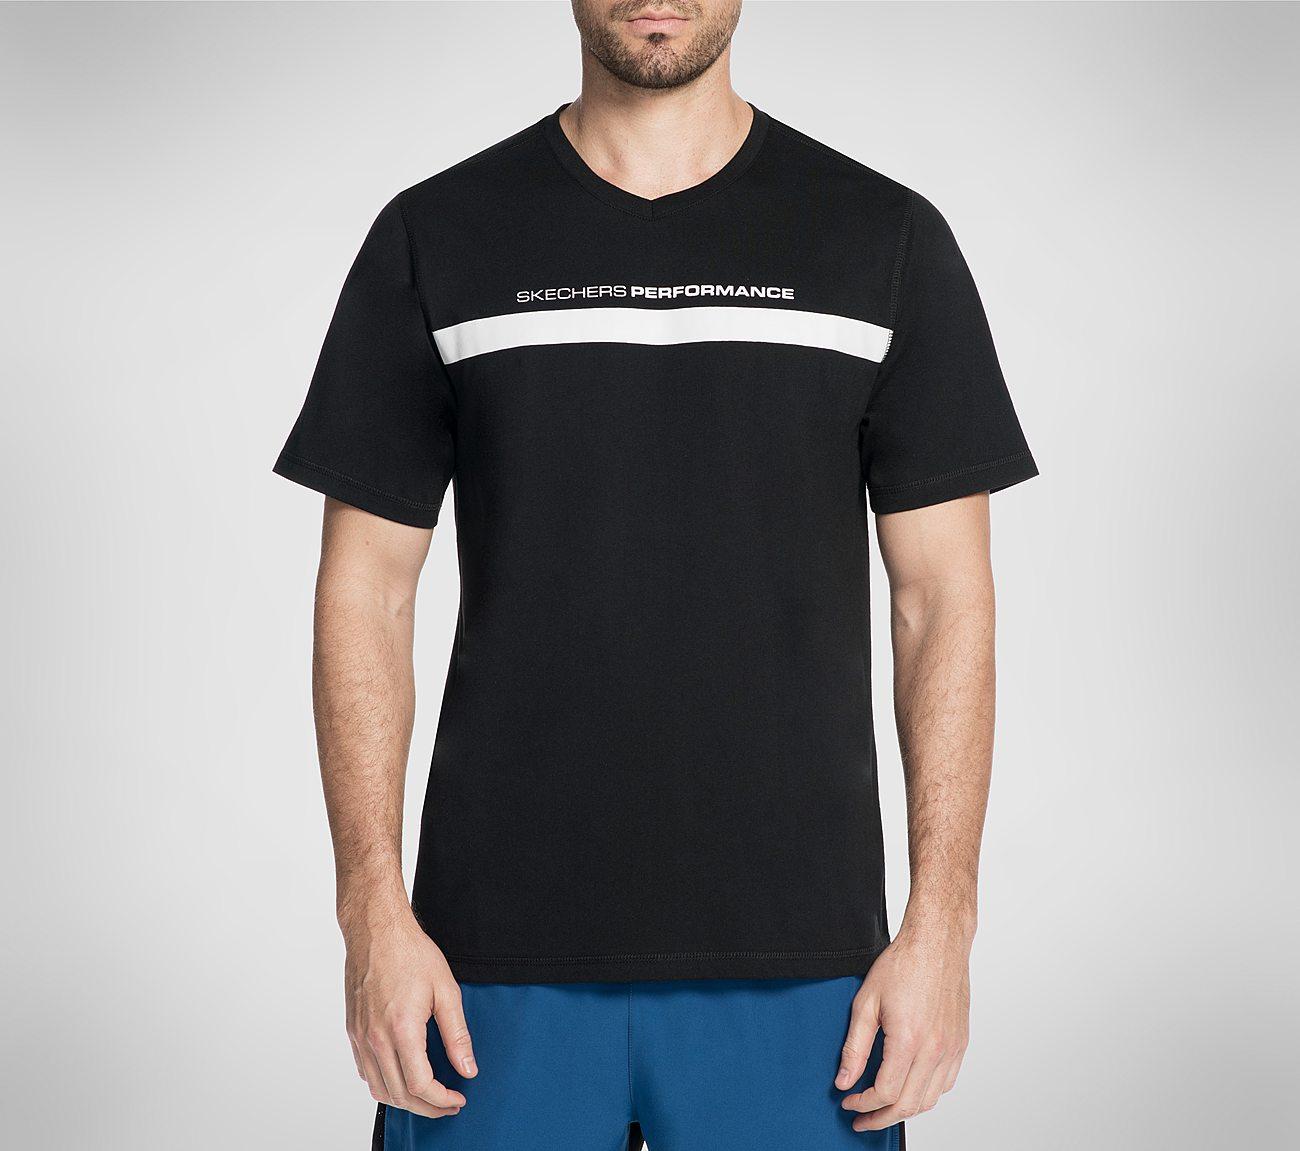 GOwalk Pastime V Neck Tee Shirt